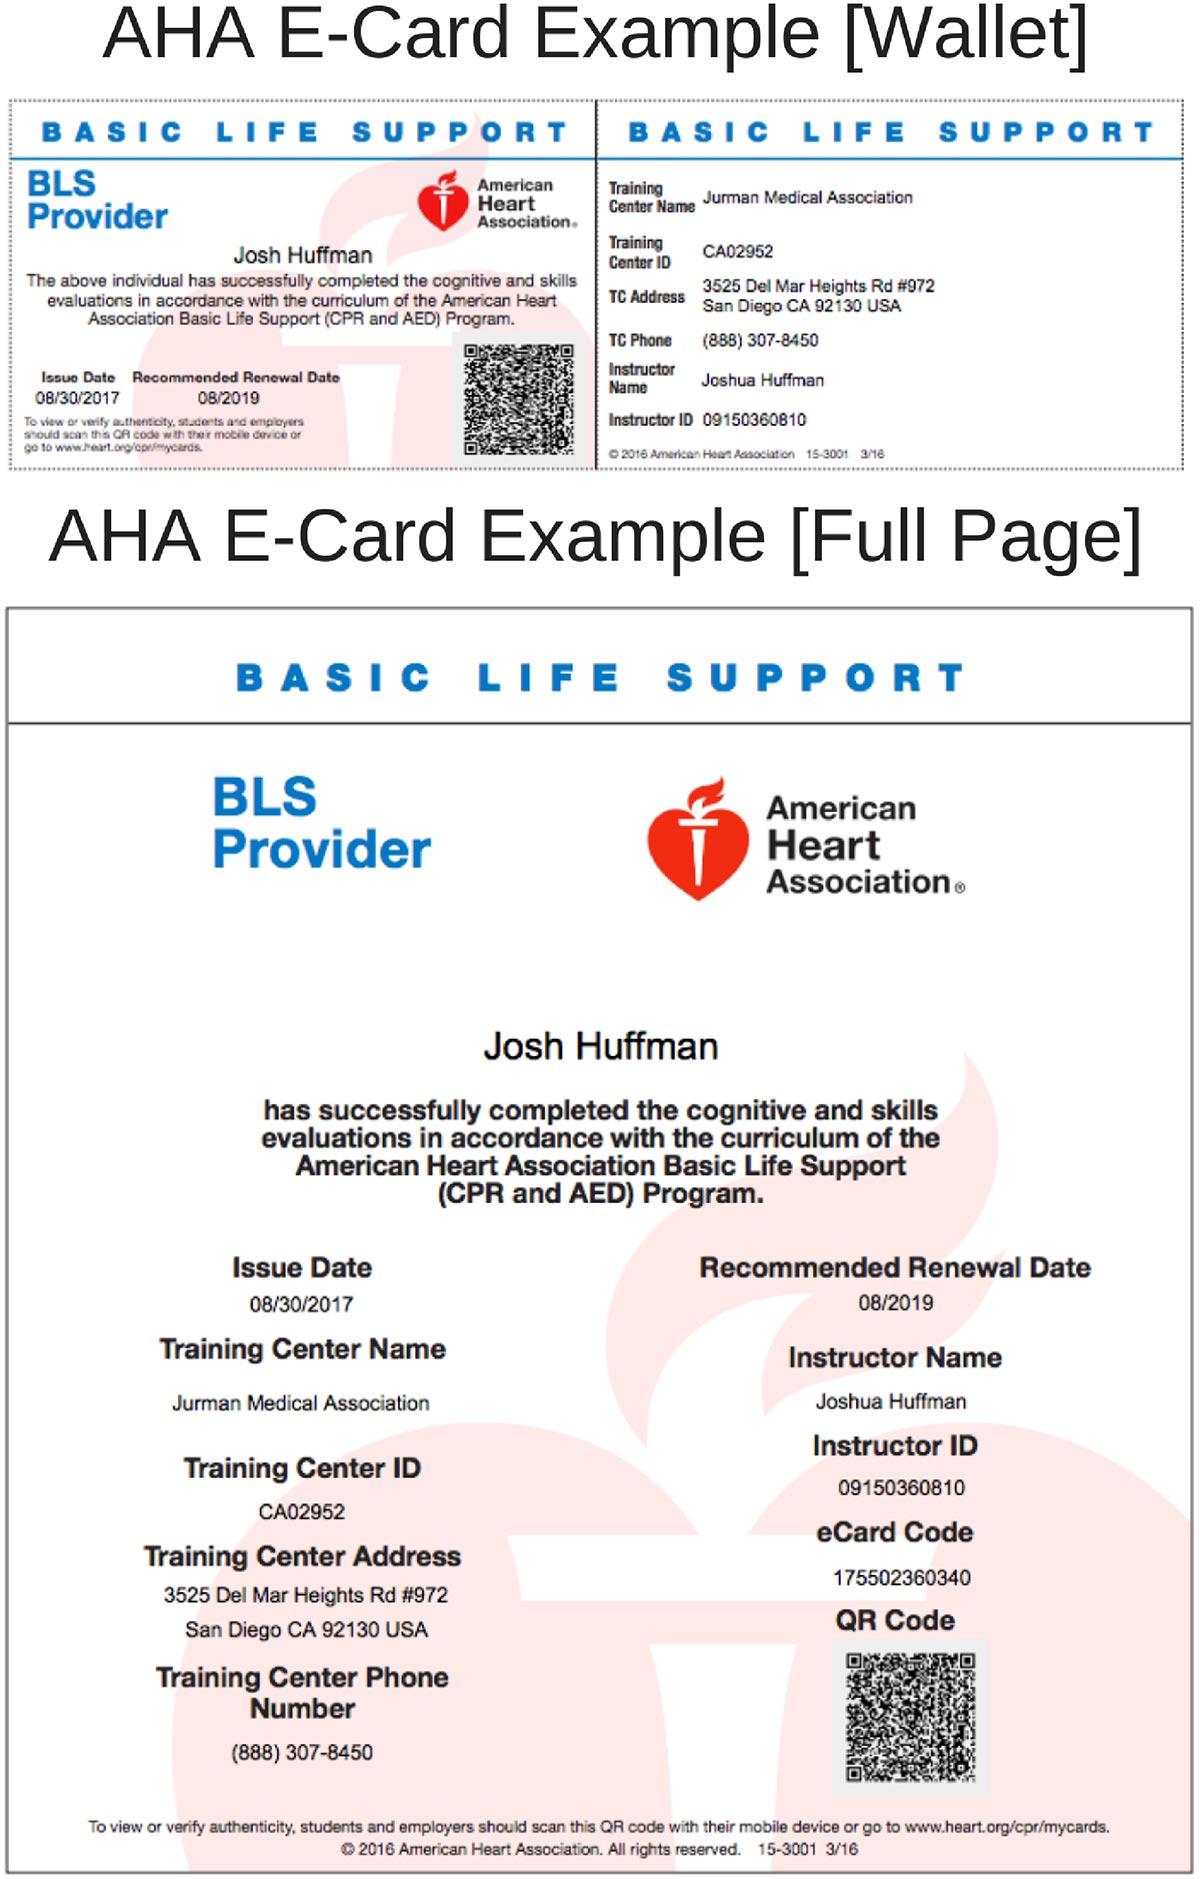 AHA E-Card Example